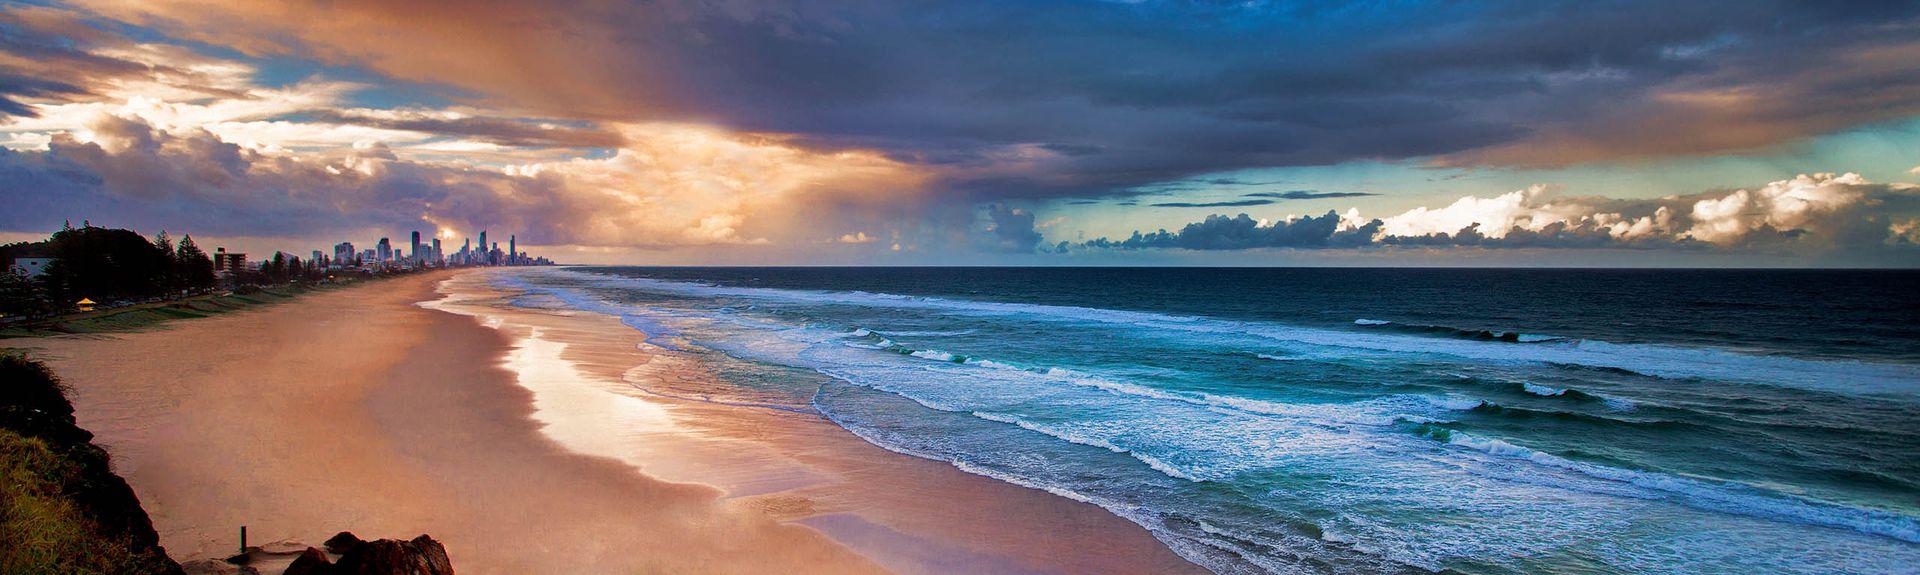 Tallai QLD, Australia